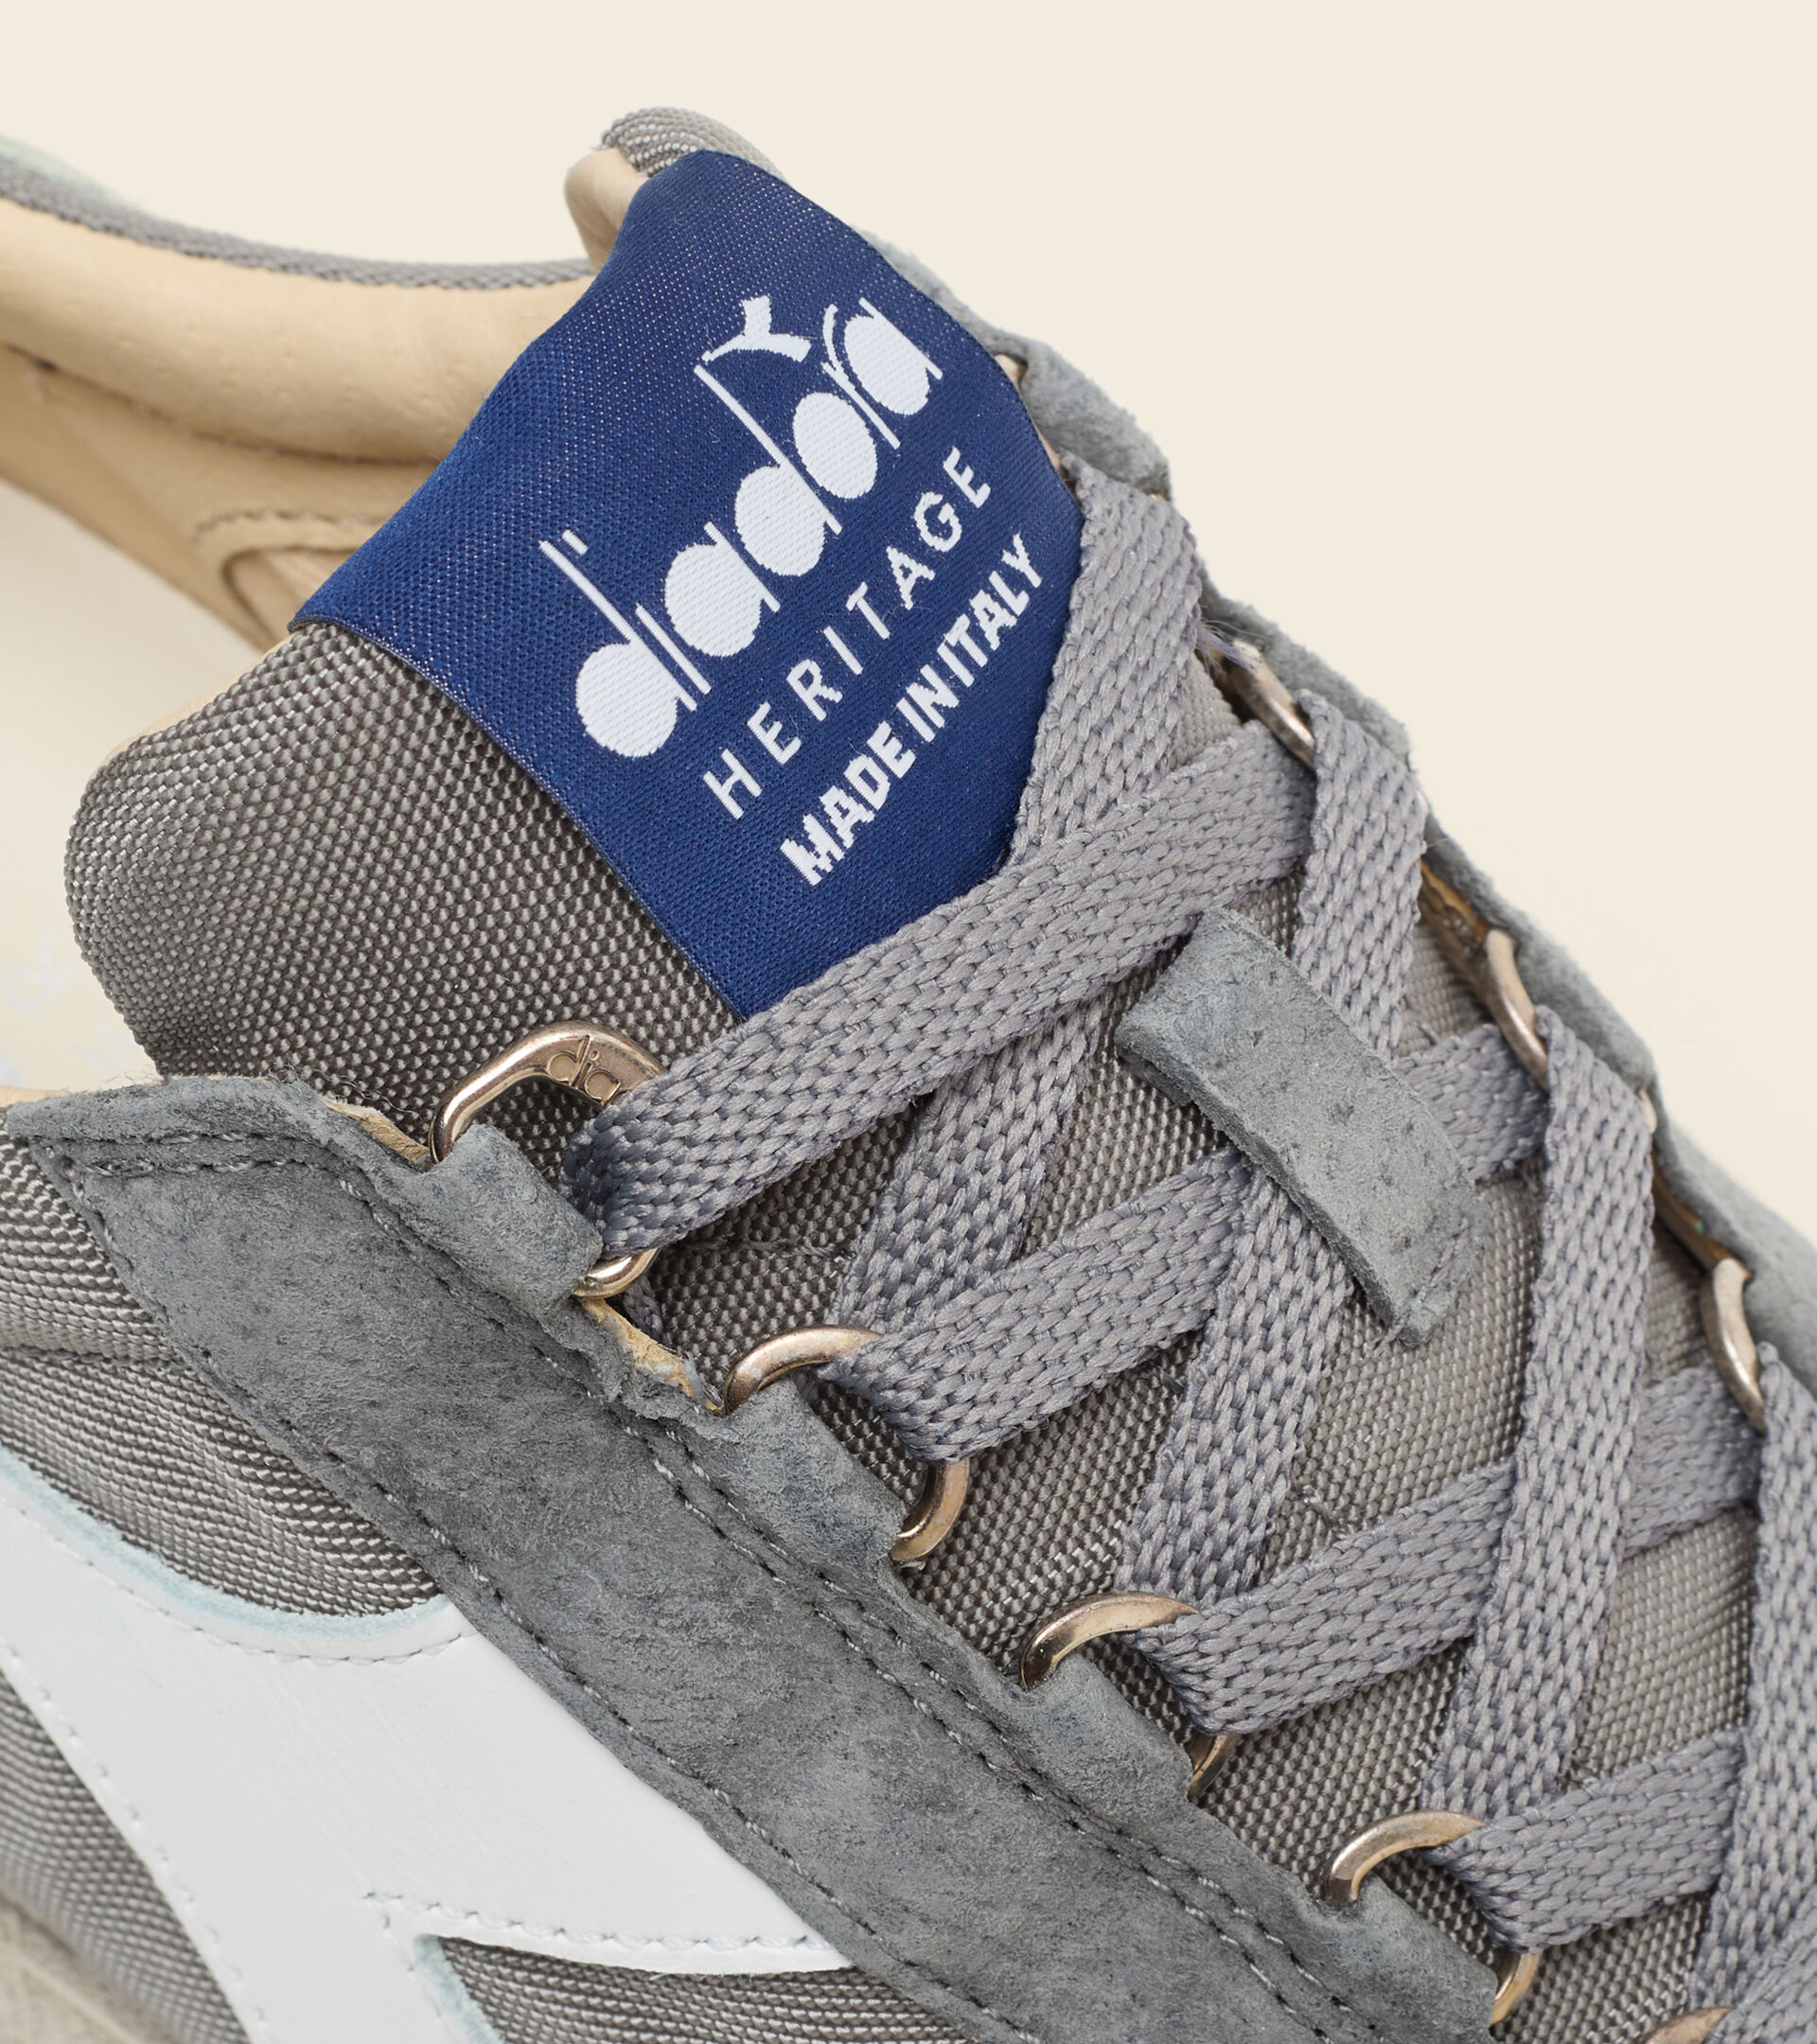 Heritage-Schuh Made in Italy - Unisex EQUIPE MAD ITALIA NUBUCK SW FARBLOSGRAU - Diadora